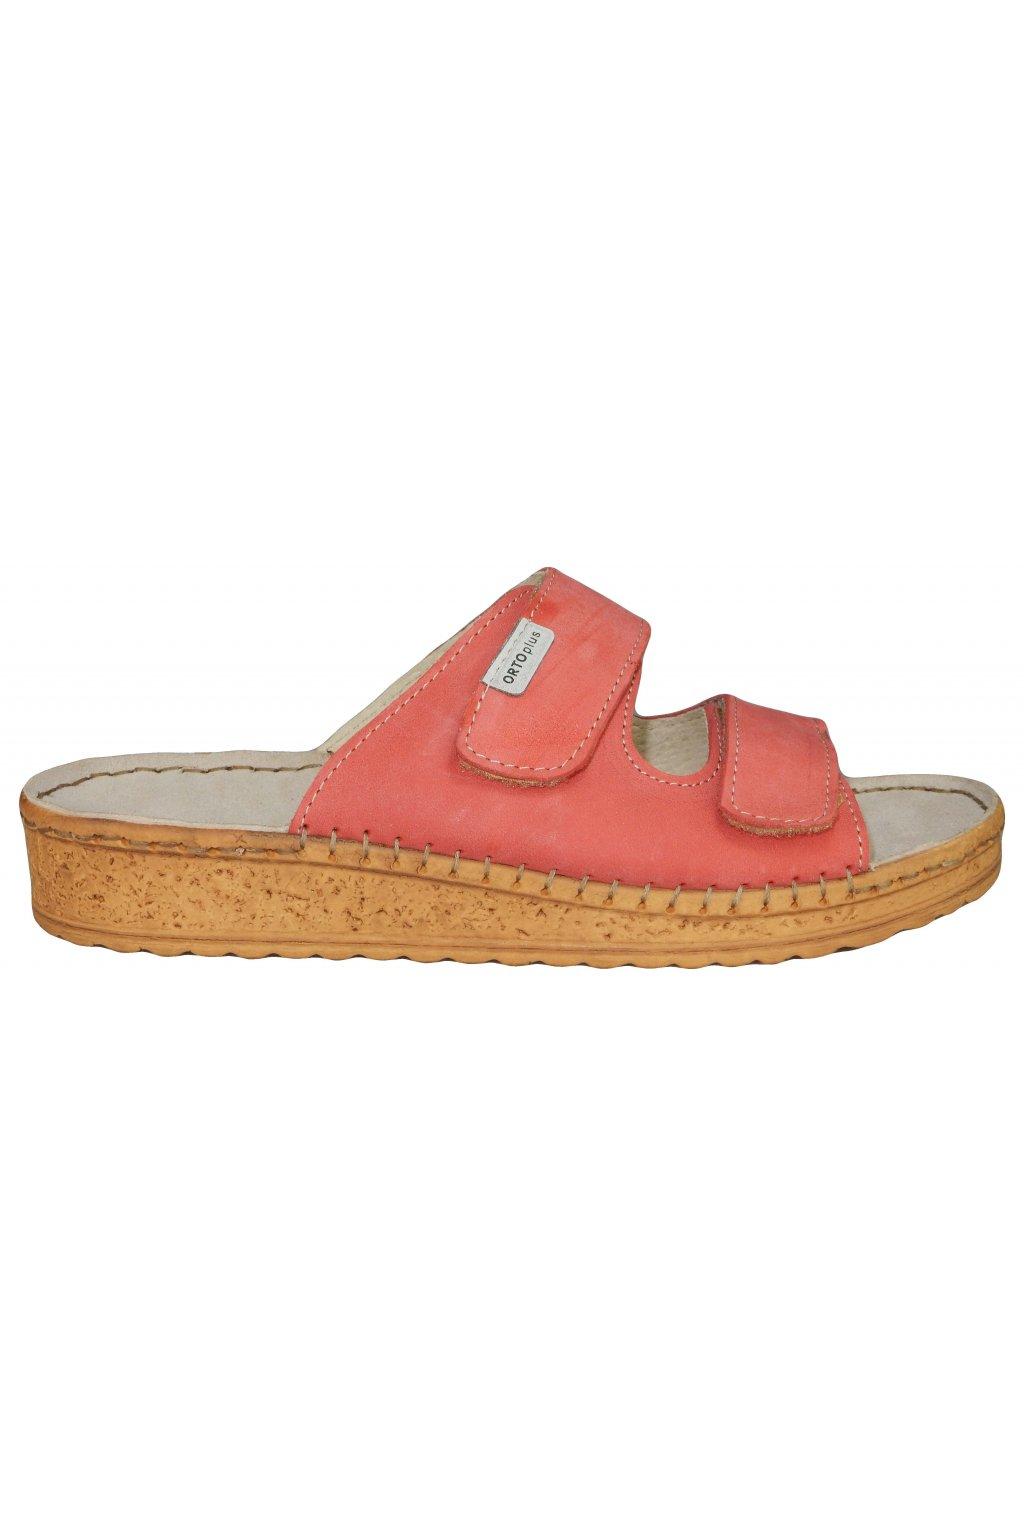 Dámské vycházkové pantofle ORTO PLUS 1012